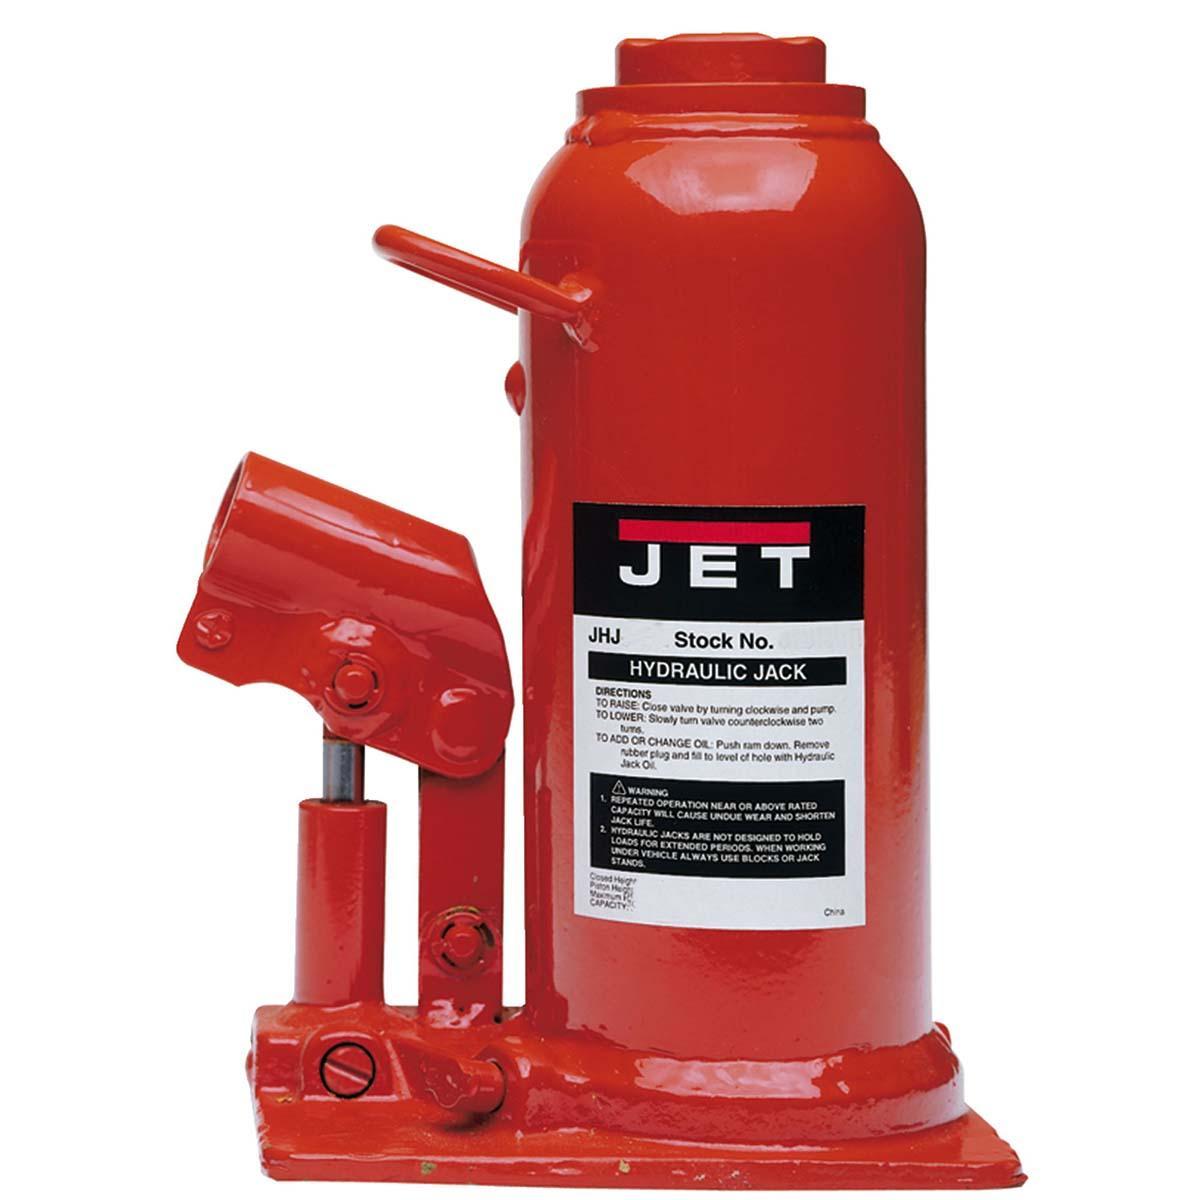 JHJ-5 5T HYD BOTTLE JACK